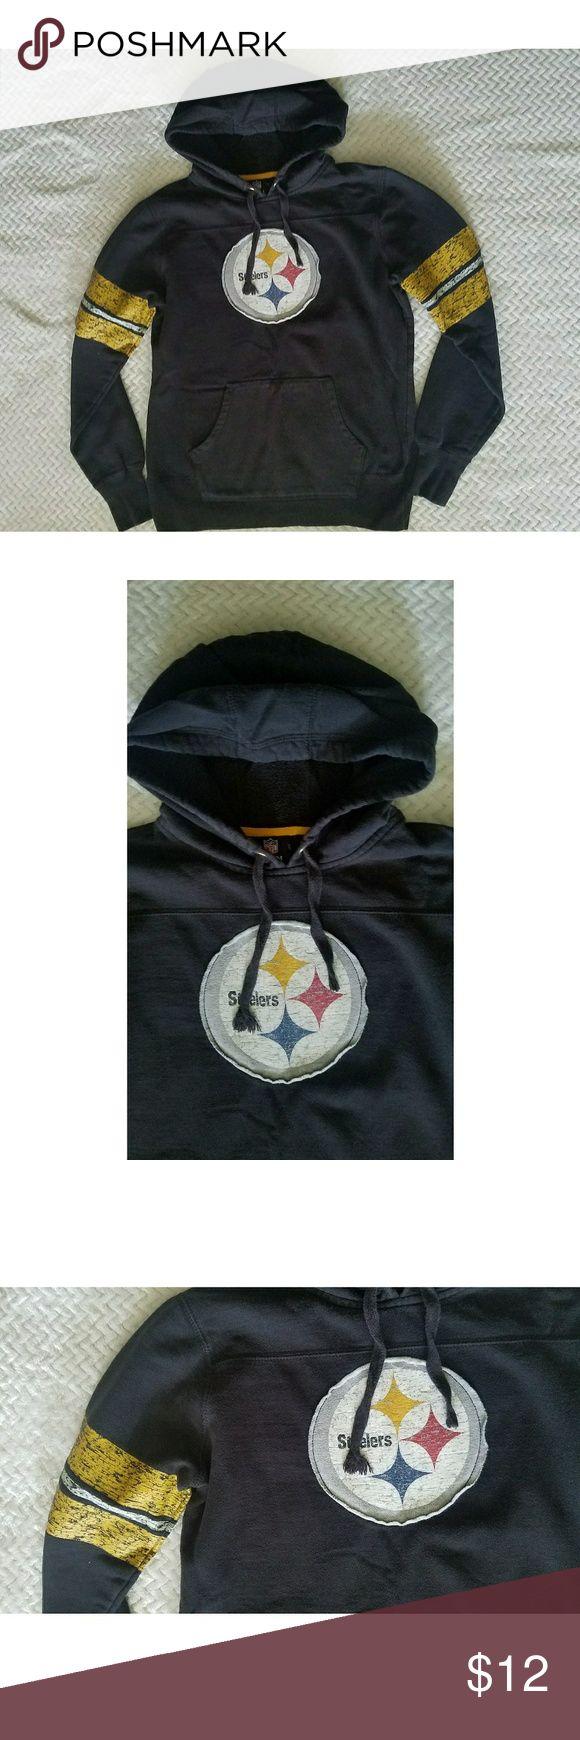 Pittsburgh Steelers Hoodie Official NFL Team Apparel black Steelers hoodie! Distressed look. Very comfortable and good quality. Size medium. NFL Team Apparel Tops Sweatshirts & Hoodies